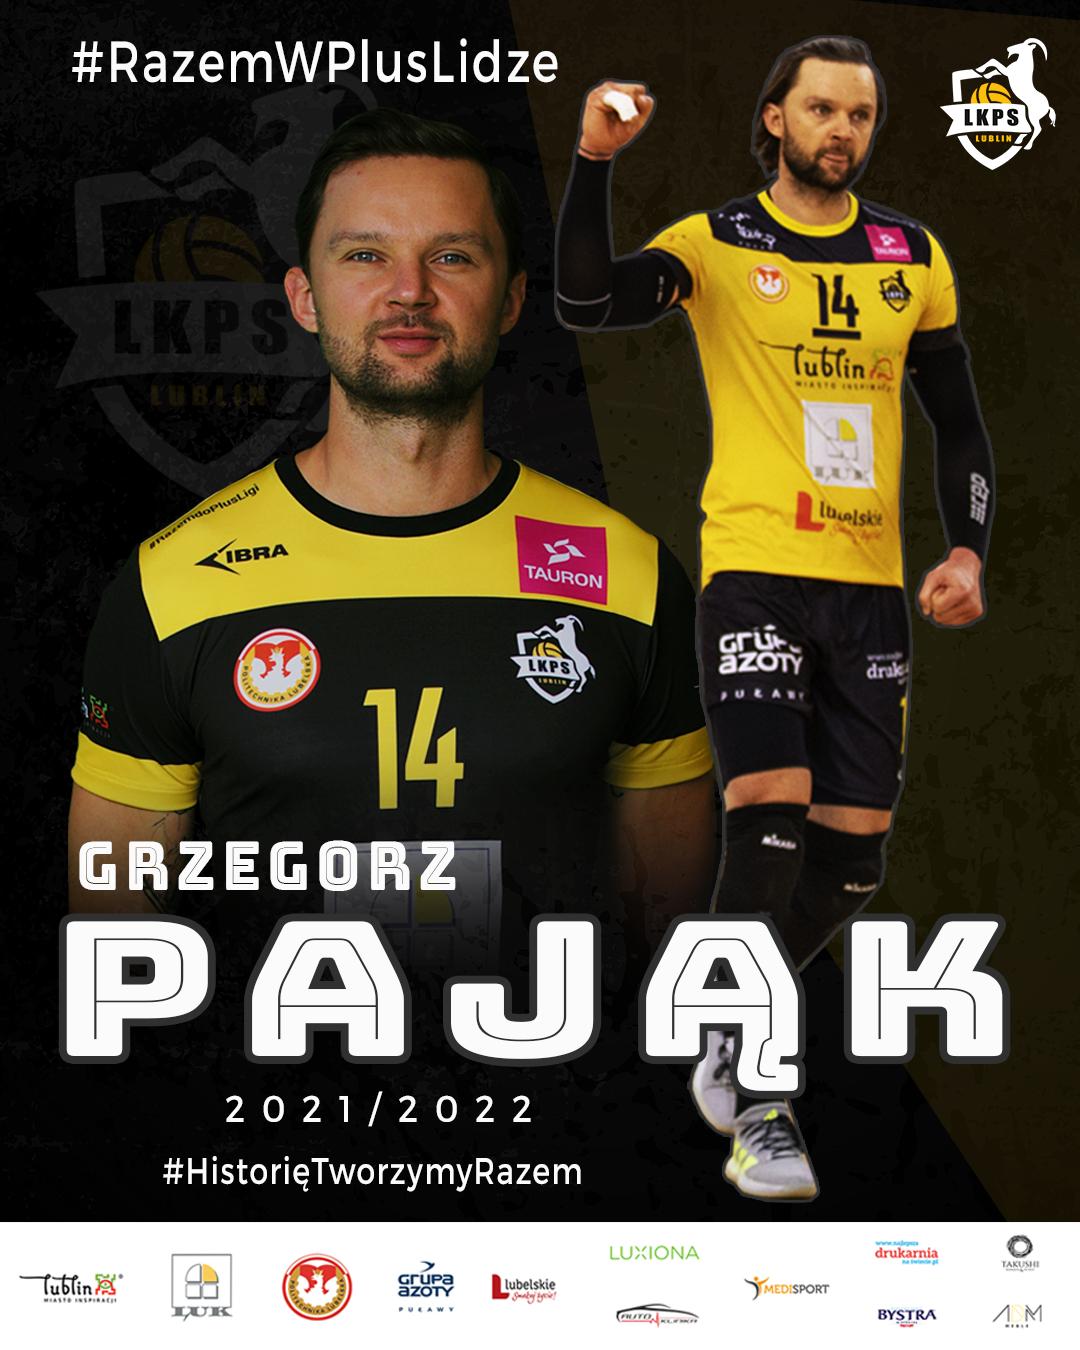 Grzegorz Pająk zostaje w LUK Politechnice Lublin!